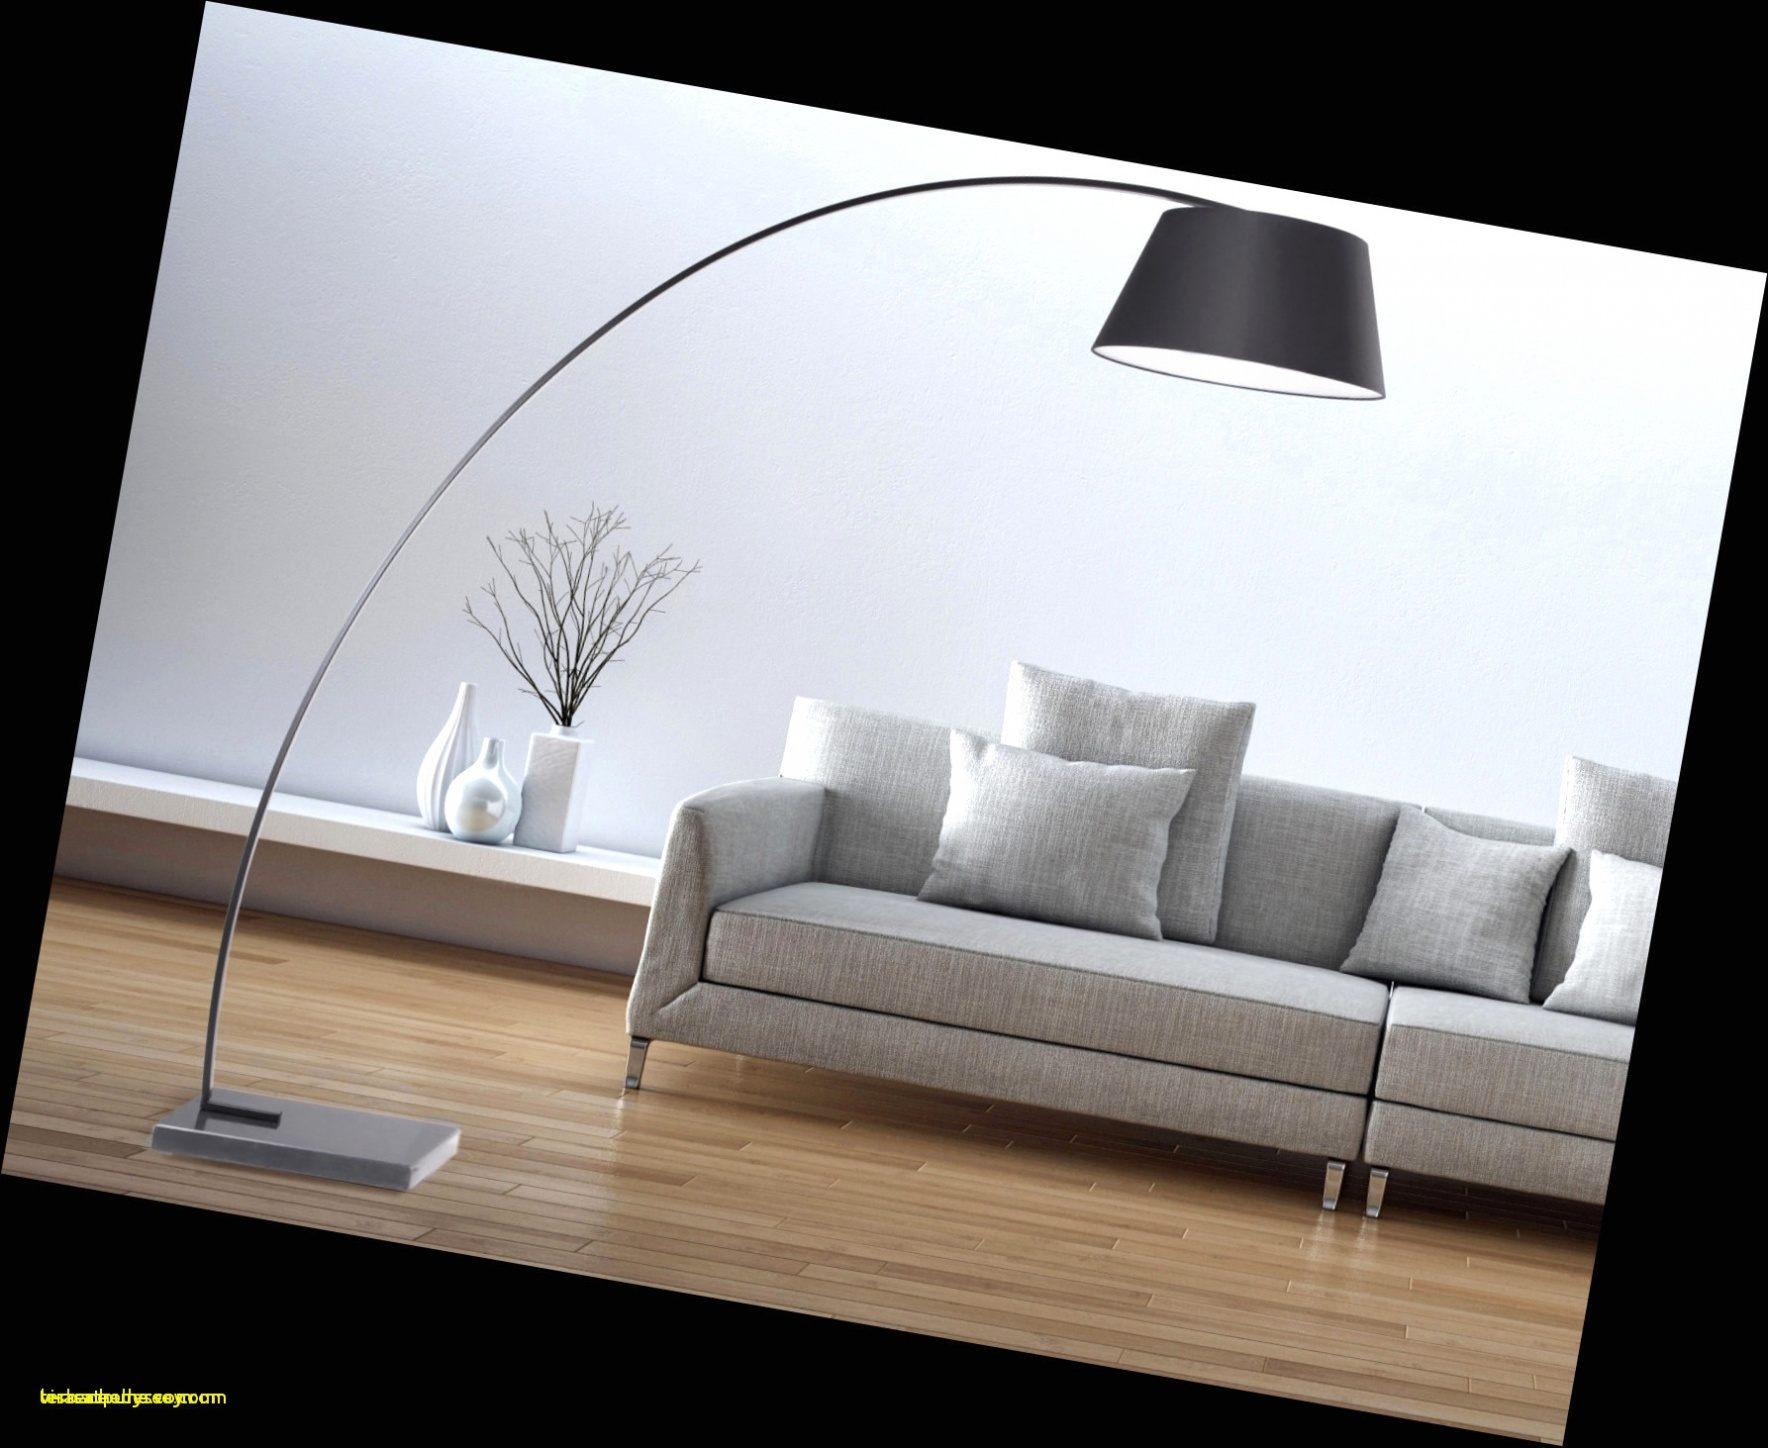 Tete De Lit Avec Chevet Intégré Ikea Le Luxe sove Coiffeuse Fer forgé — sovedis Aquatabs